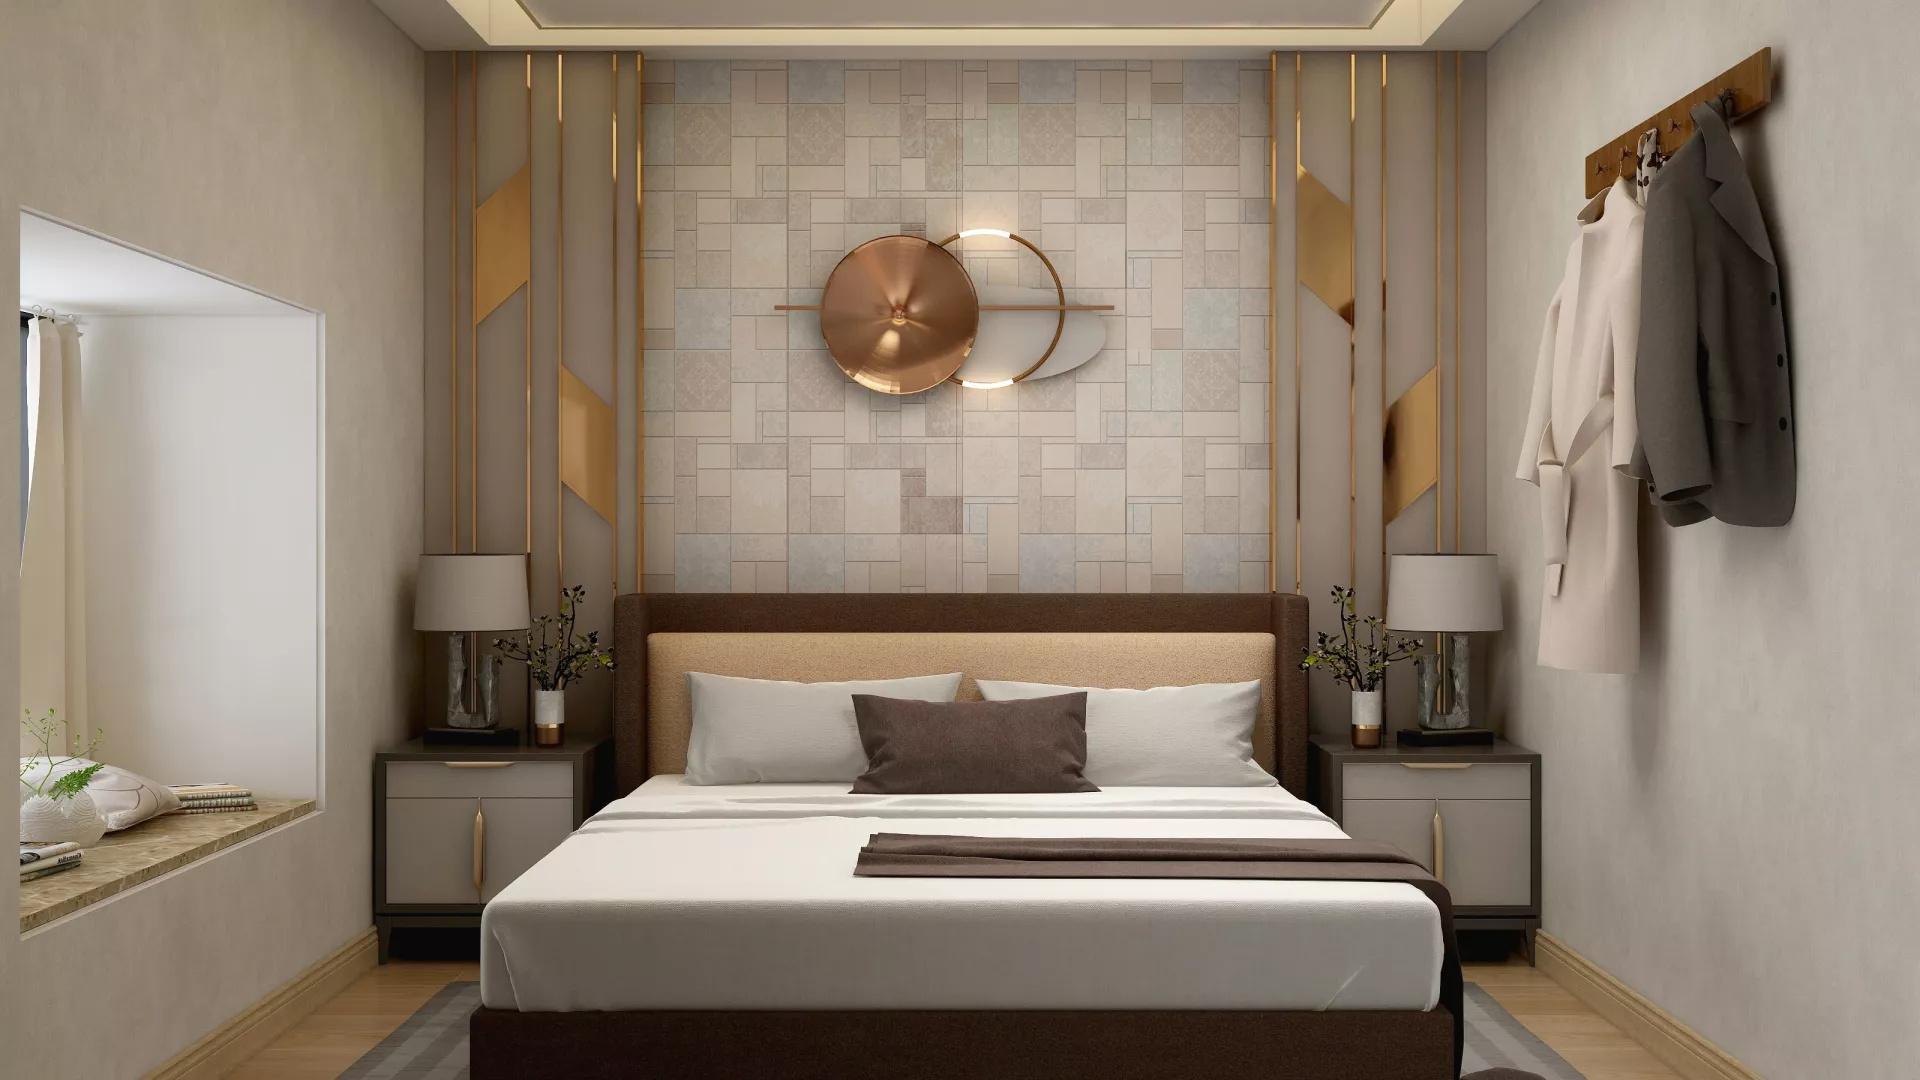 重彩复古美式混搭风格家居装修设计效果图